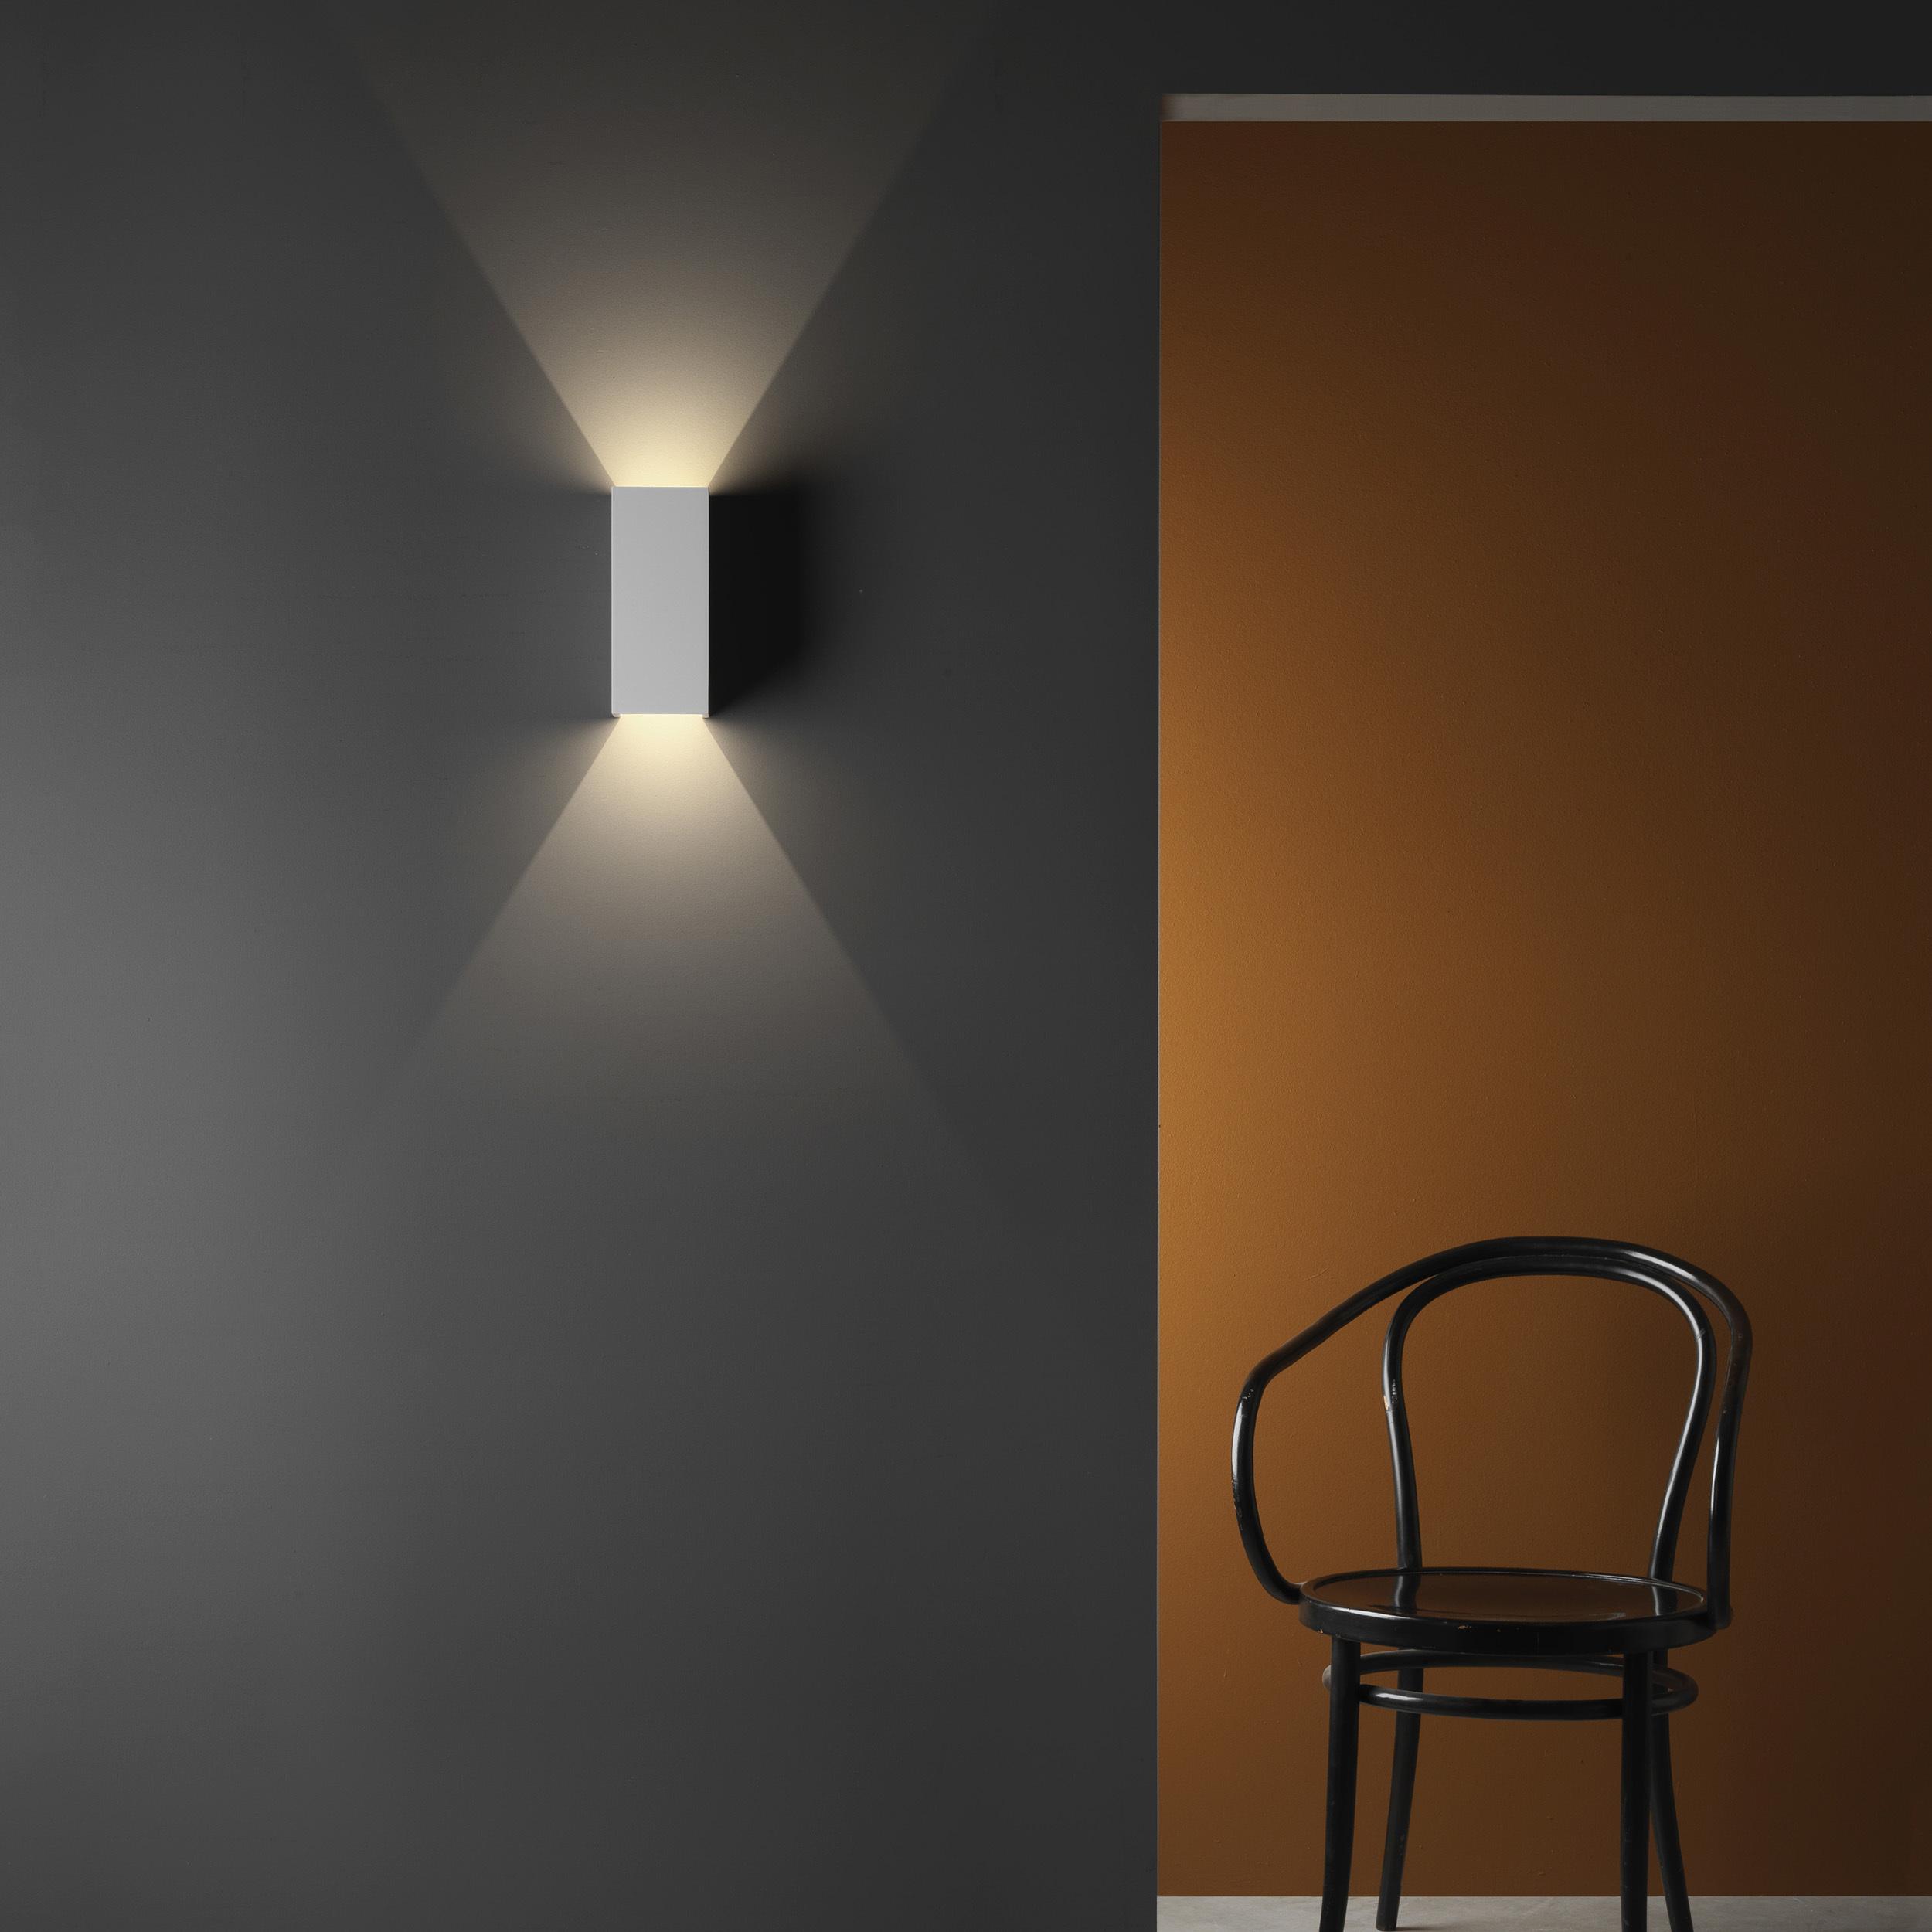 Настенный светодиодный светильник Astro Parma 1187019 (8052), LED 8W 2700K 549.9lm CRI80, белый, под покраску, гипс - фото 3